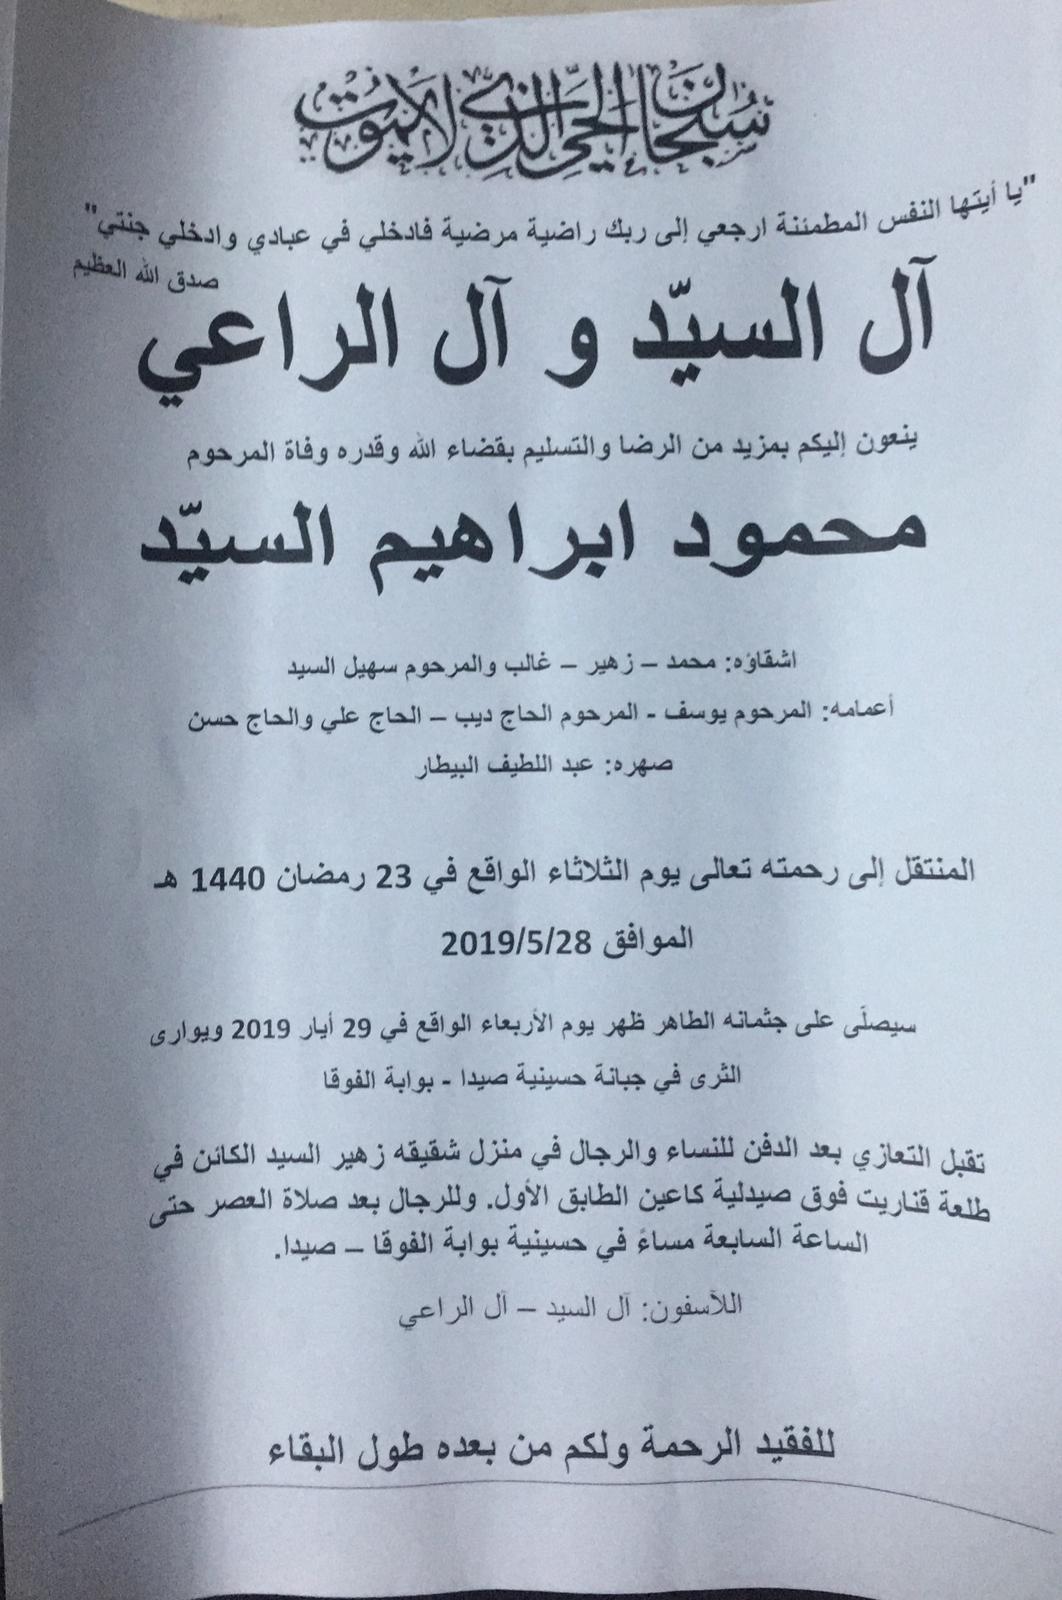 وفاة محمود ابراهيم السيد